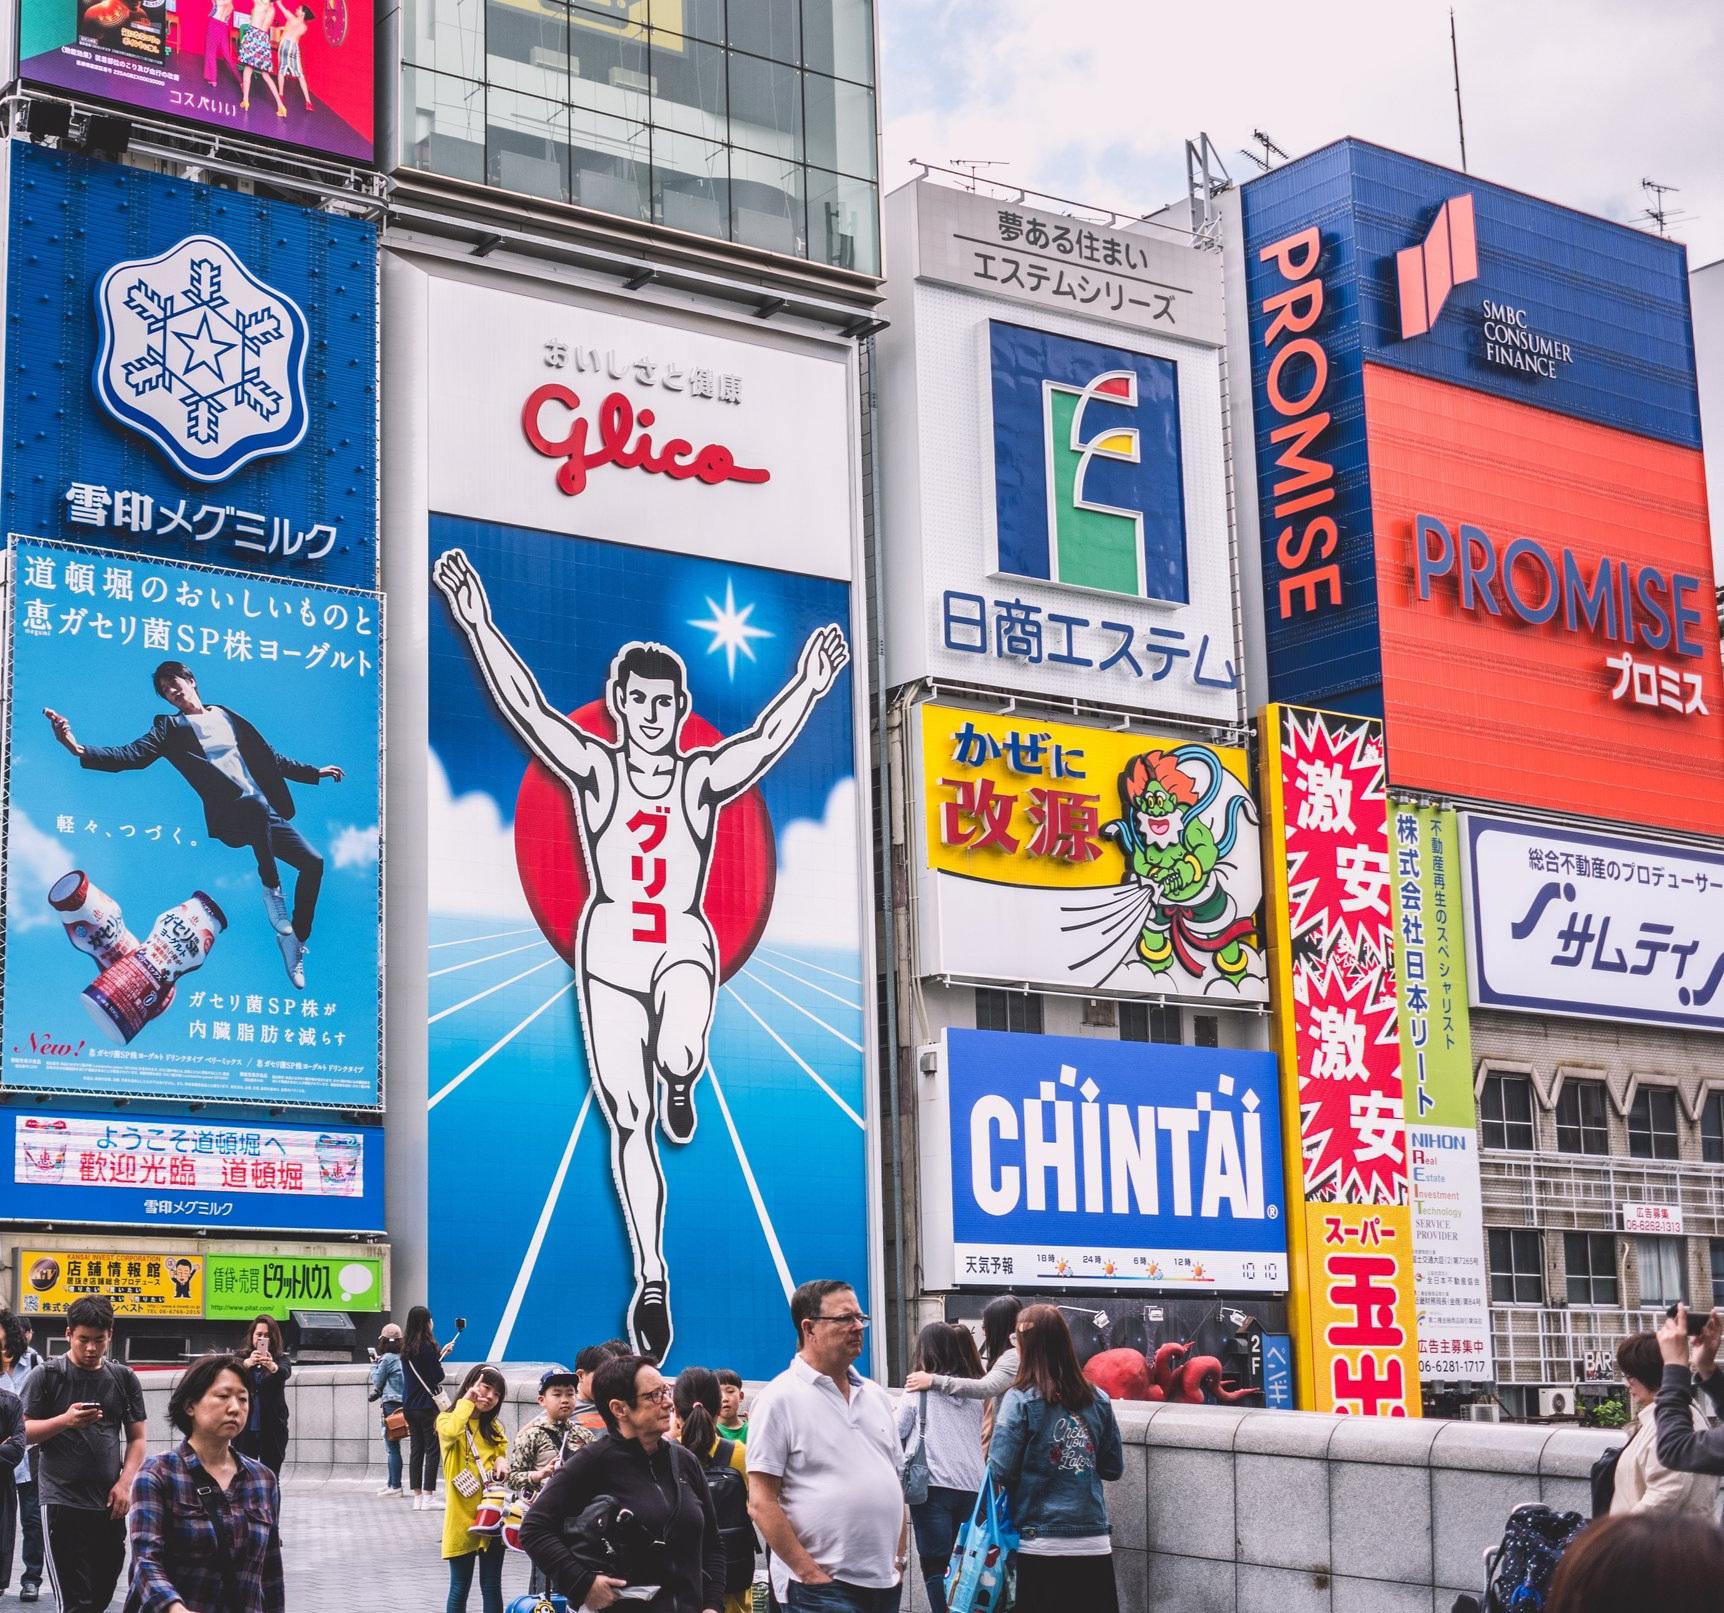 billboard-buildings-city-1108304.jpg